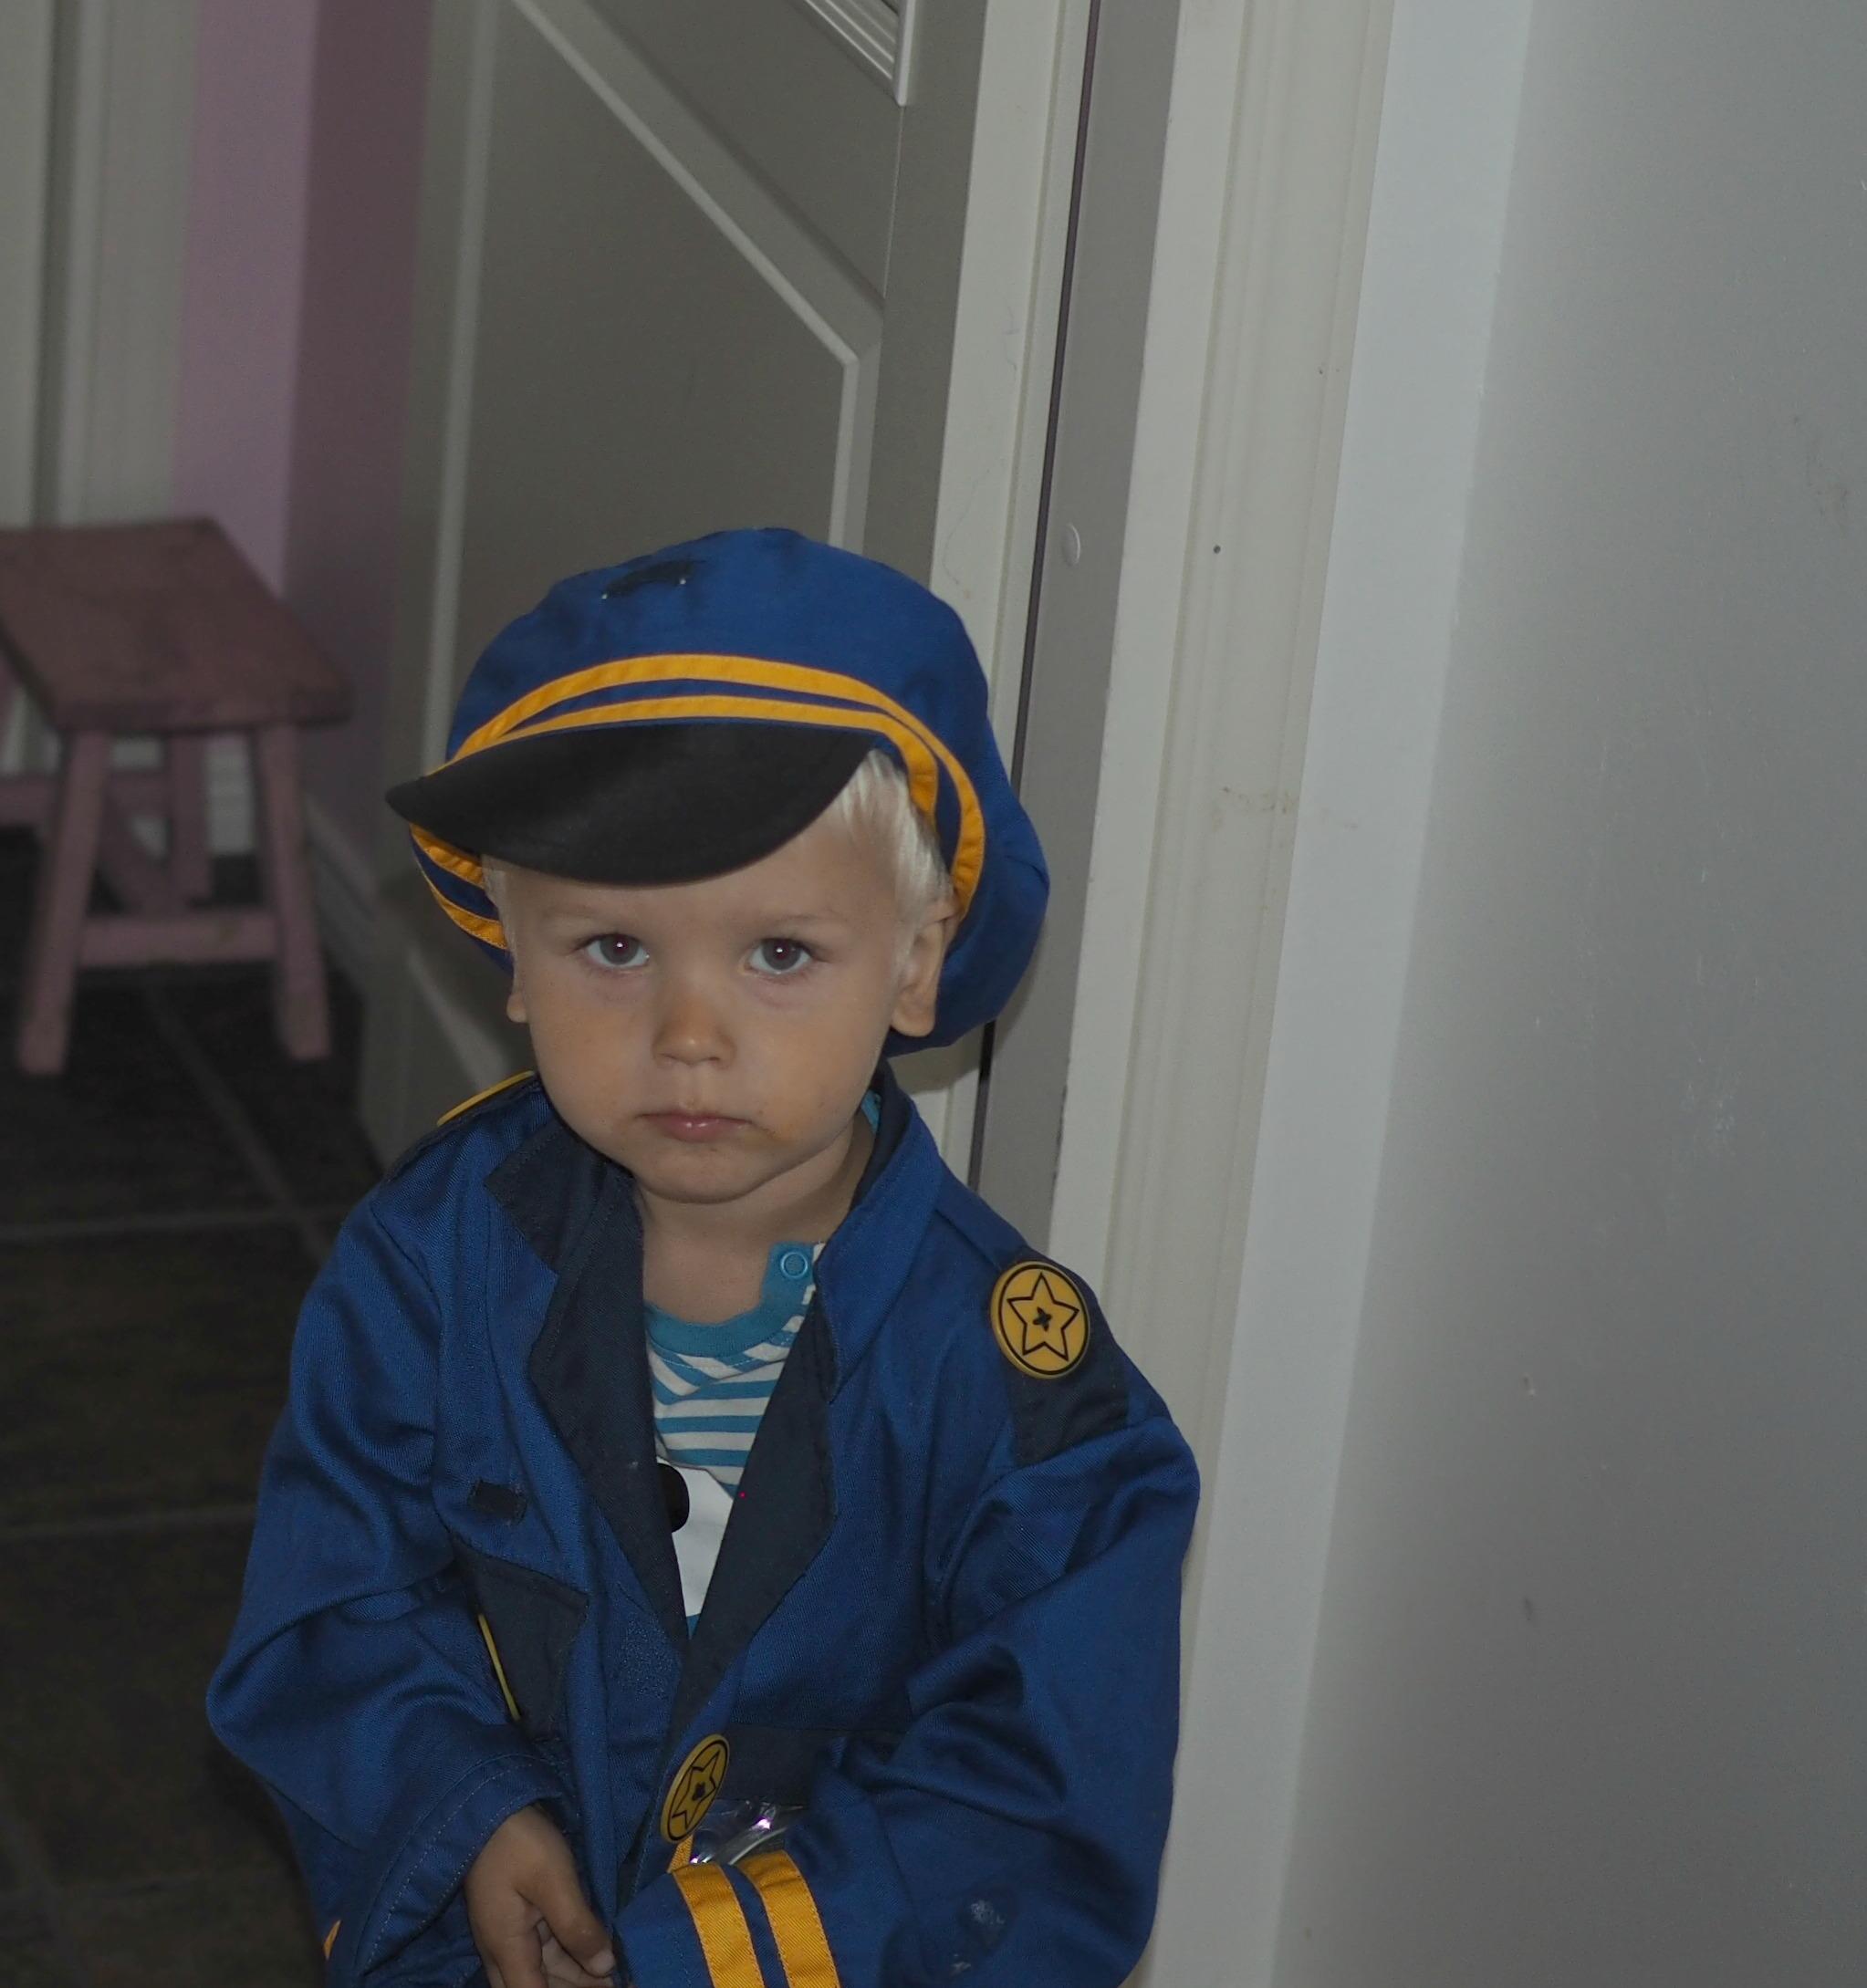 pikku poliisi